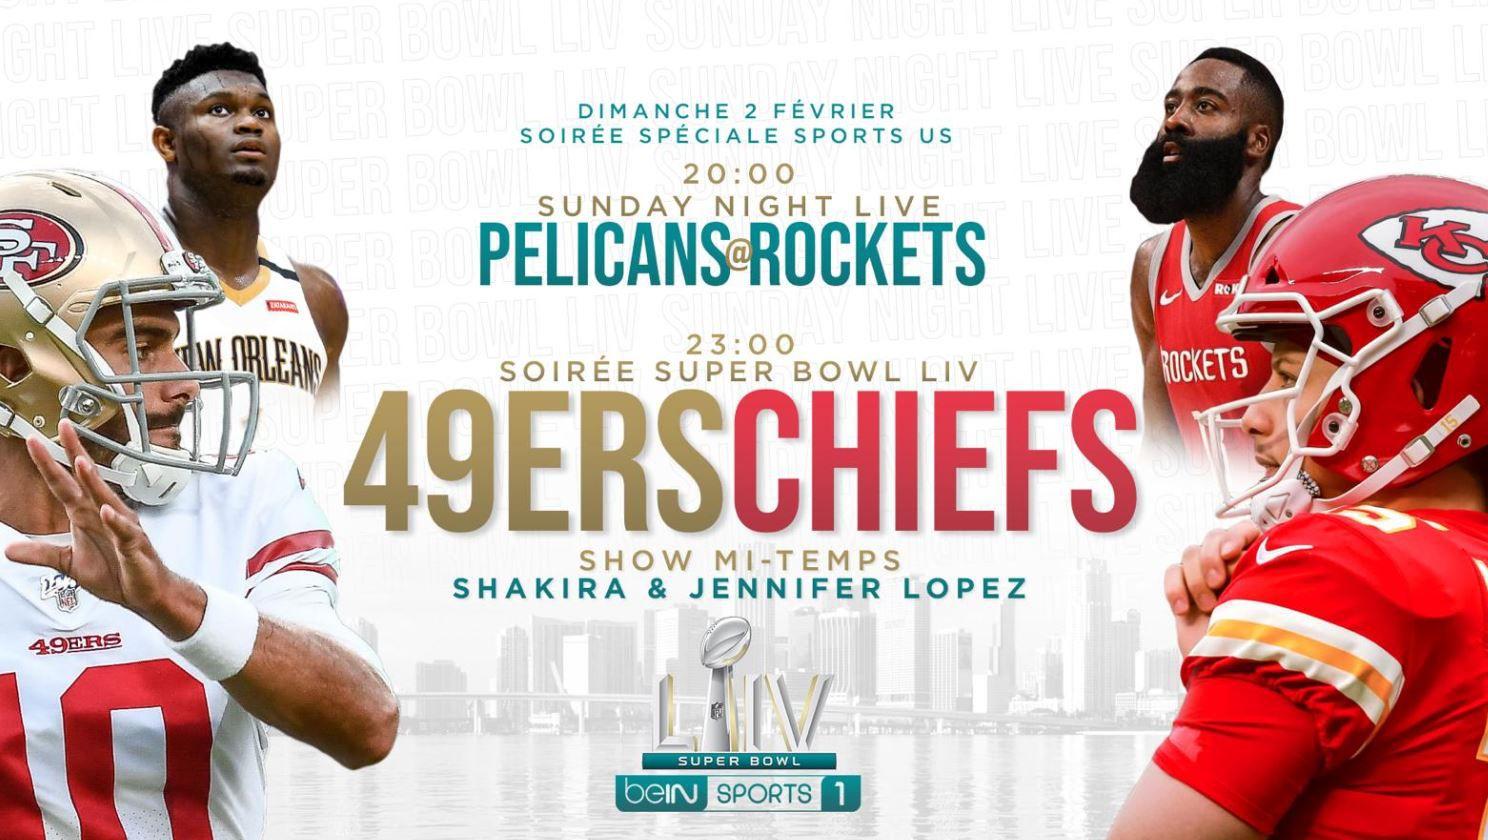 [NBA] New Orleans Pelicans @ Houston Rockets ce dimanche sur beIN SPORTS 1 !